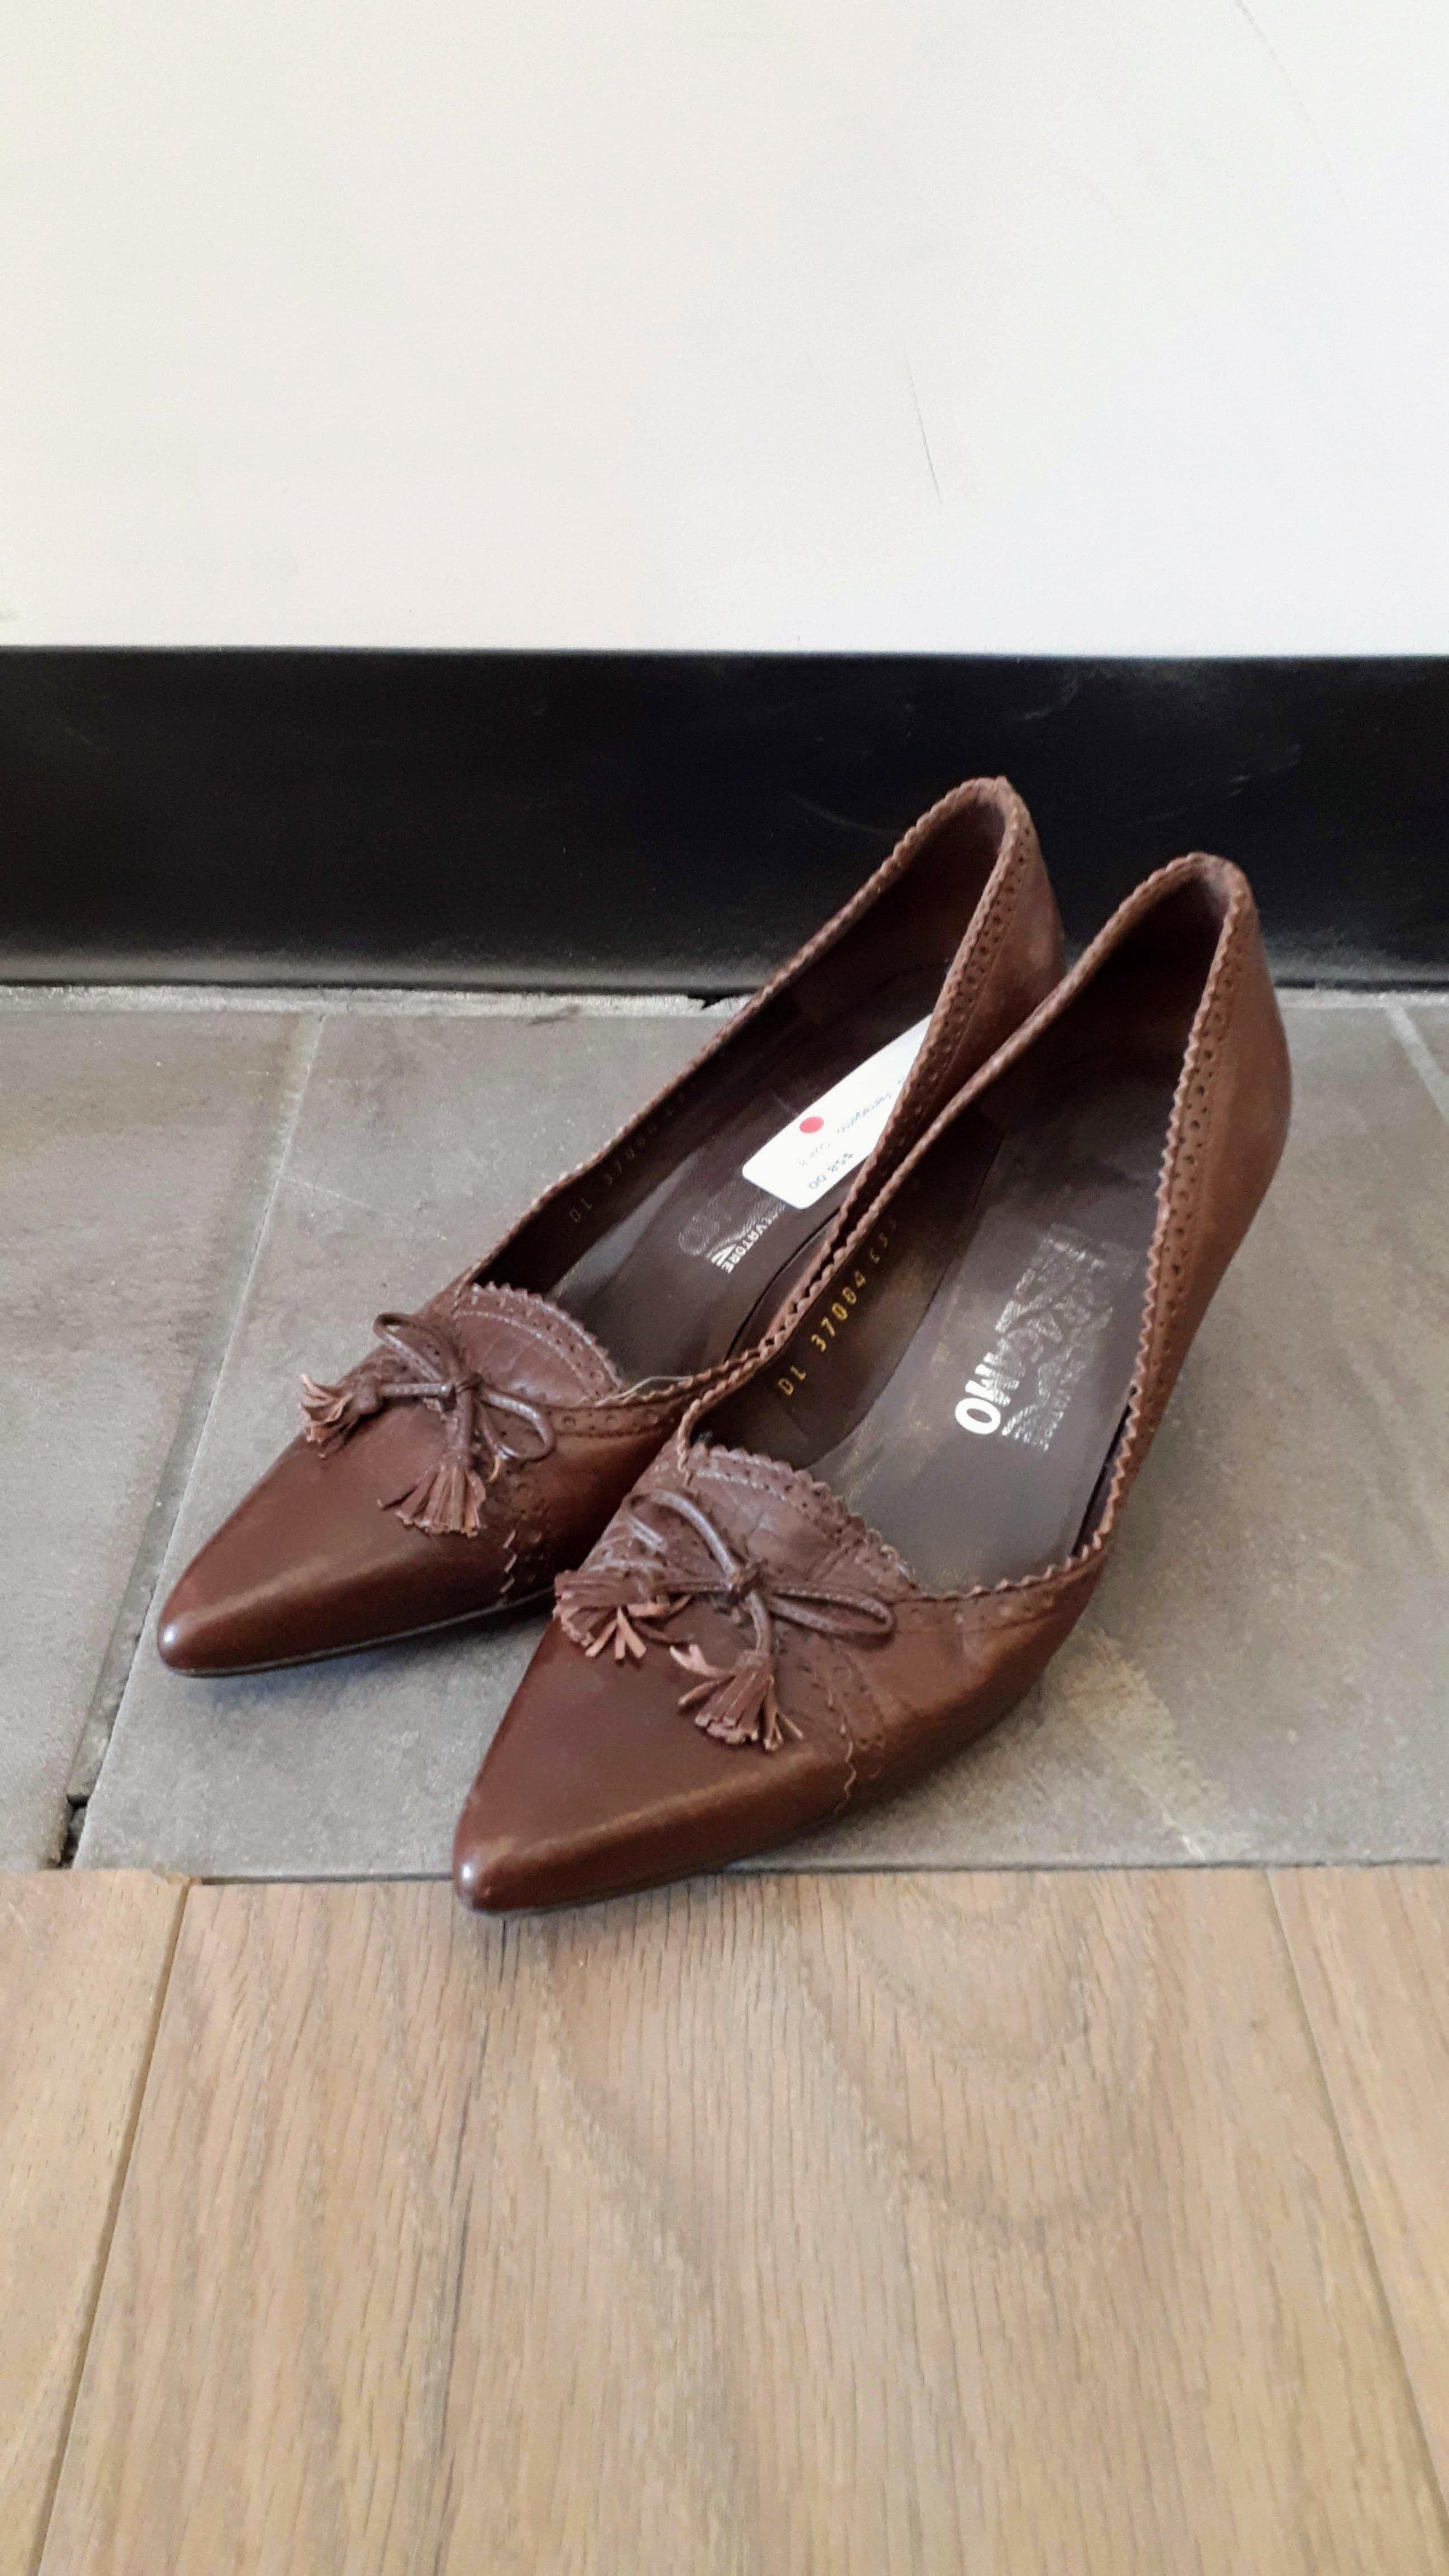 Ferragamo pumps; Size 8, $58 (on sale for $29!)